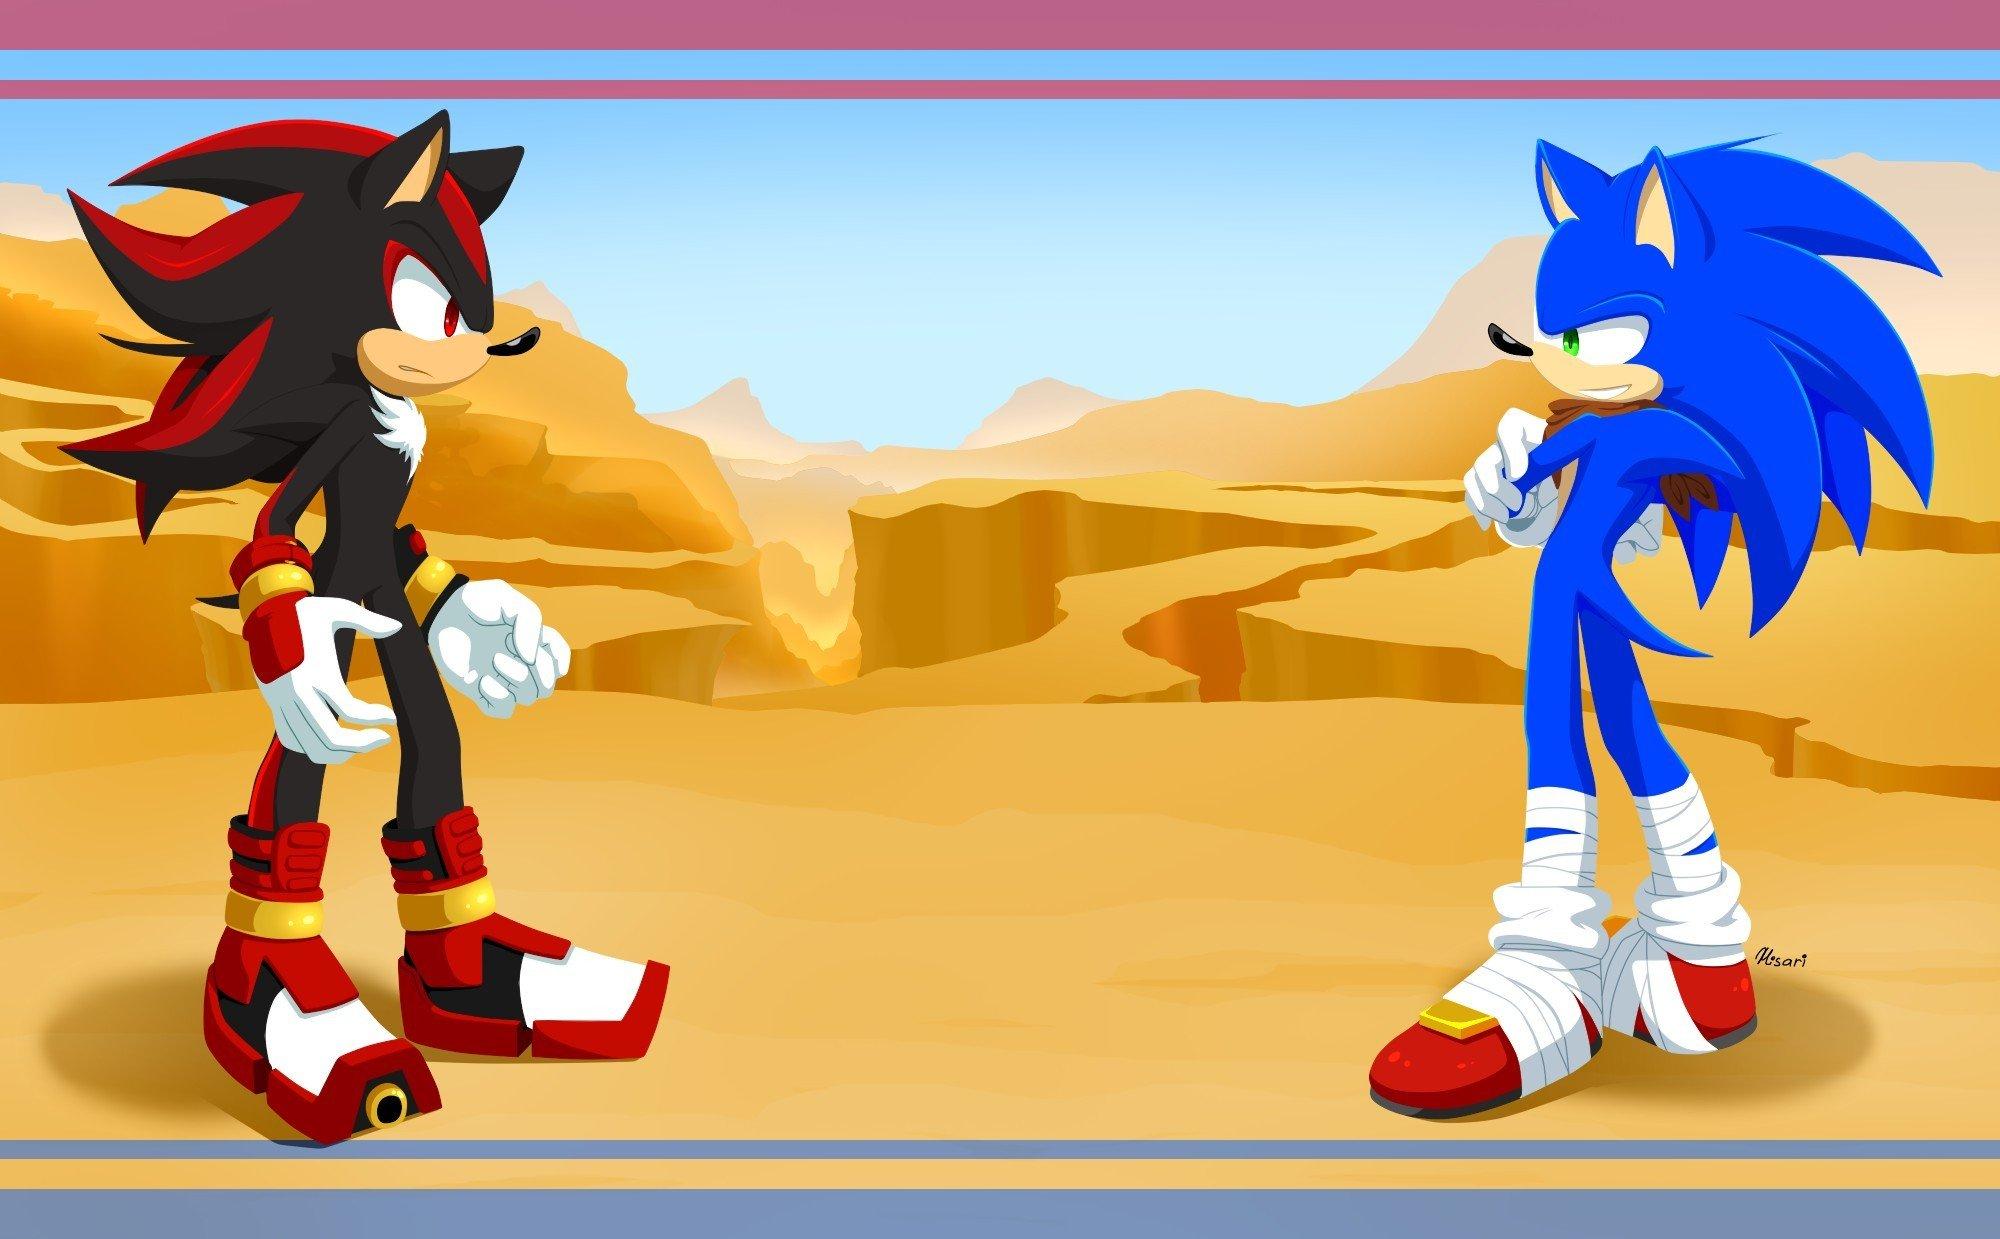 Wallpaper : 2000x1239 px, Shadow the Hedgehog, Sonic Boom